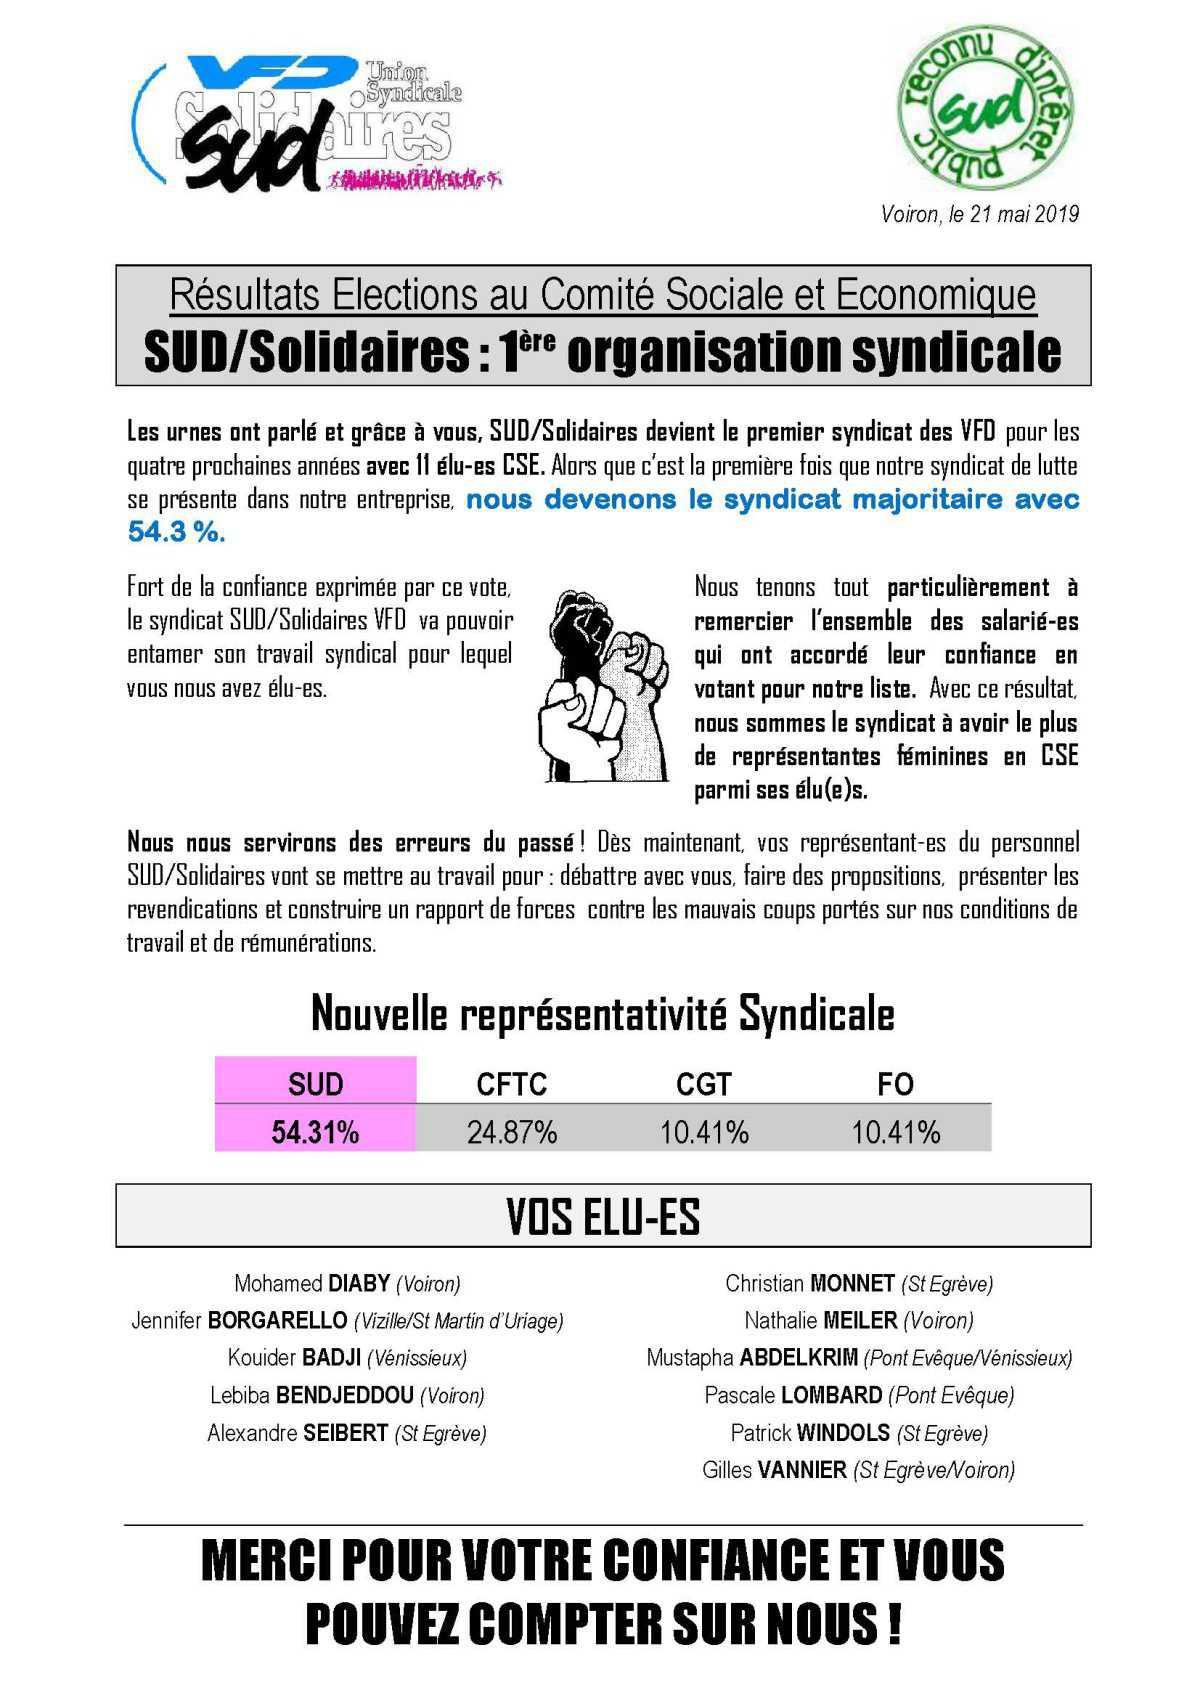 Rsesultats CSE VFD UST/SUD fait 54% des voix